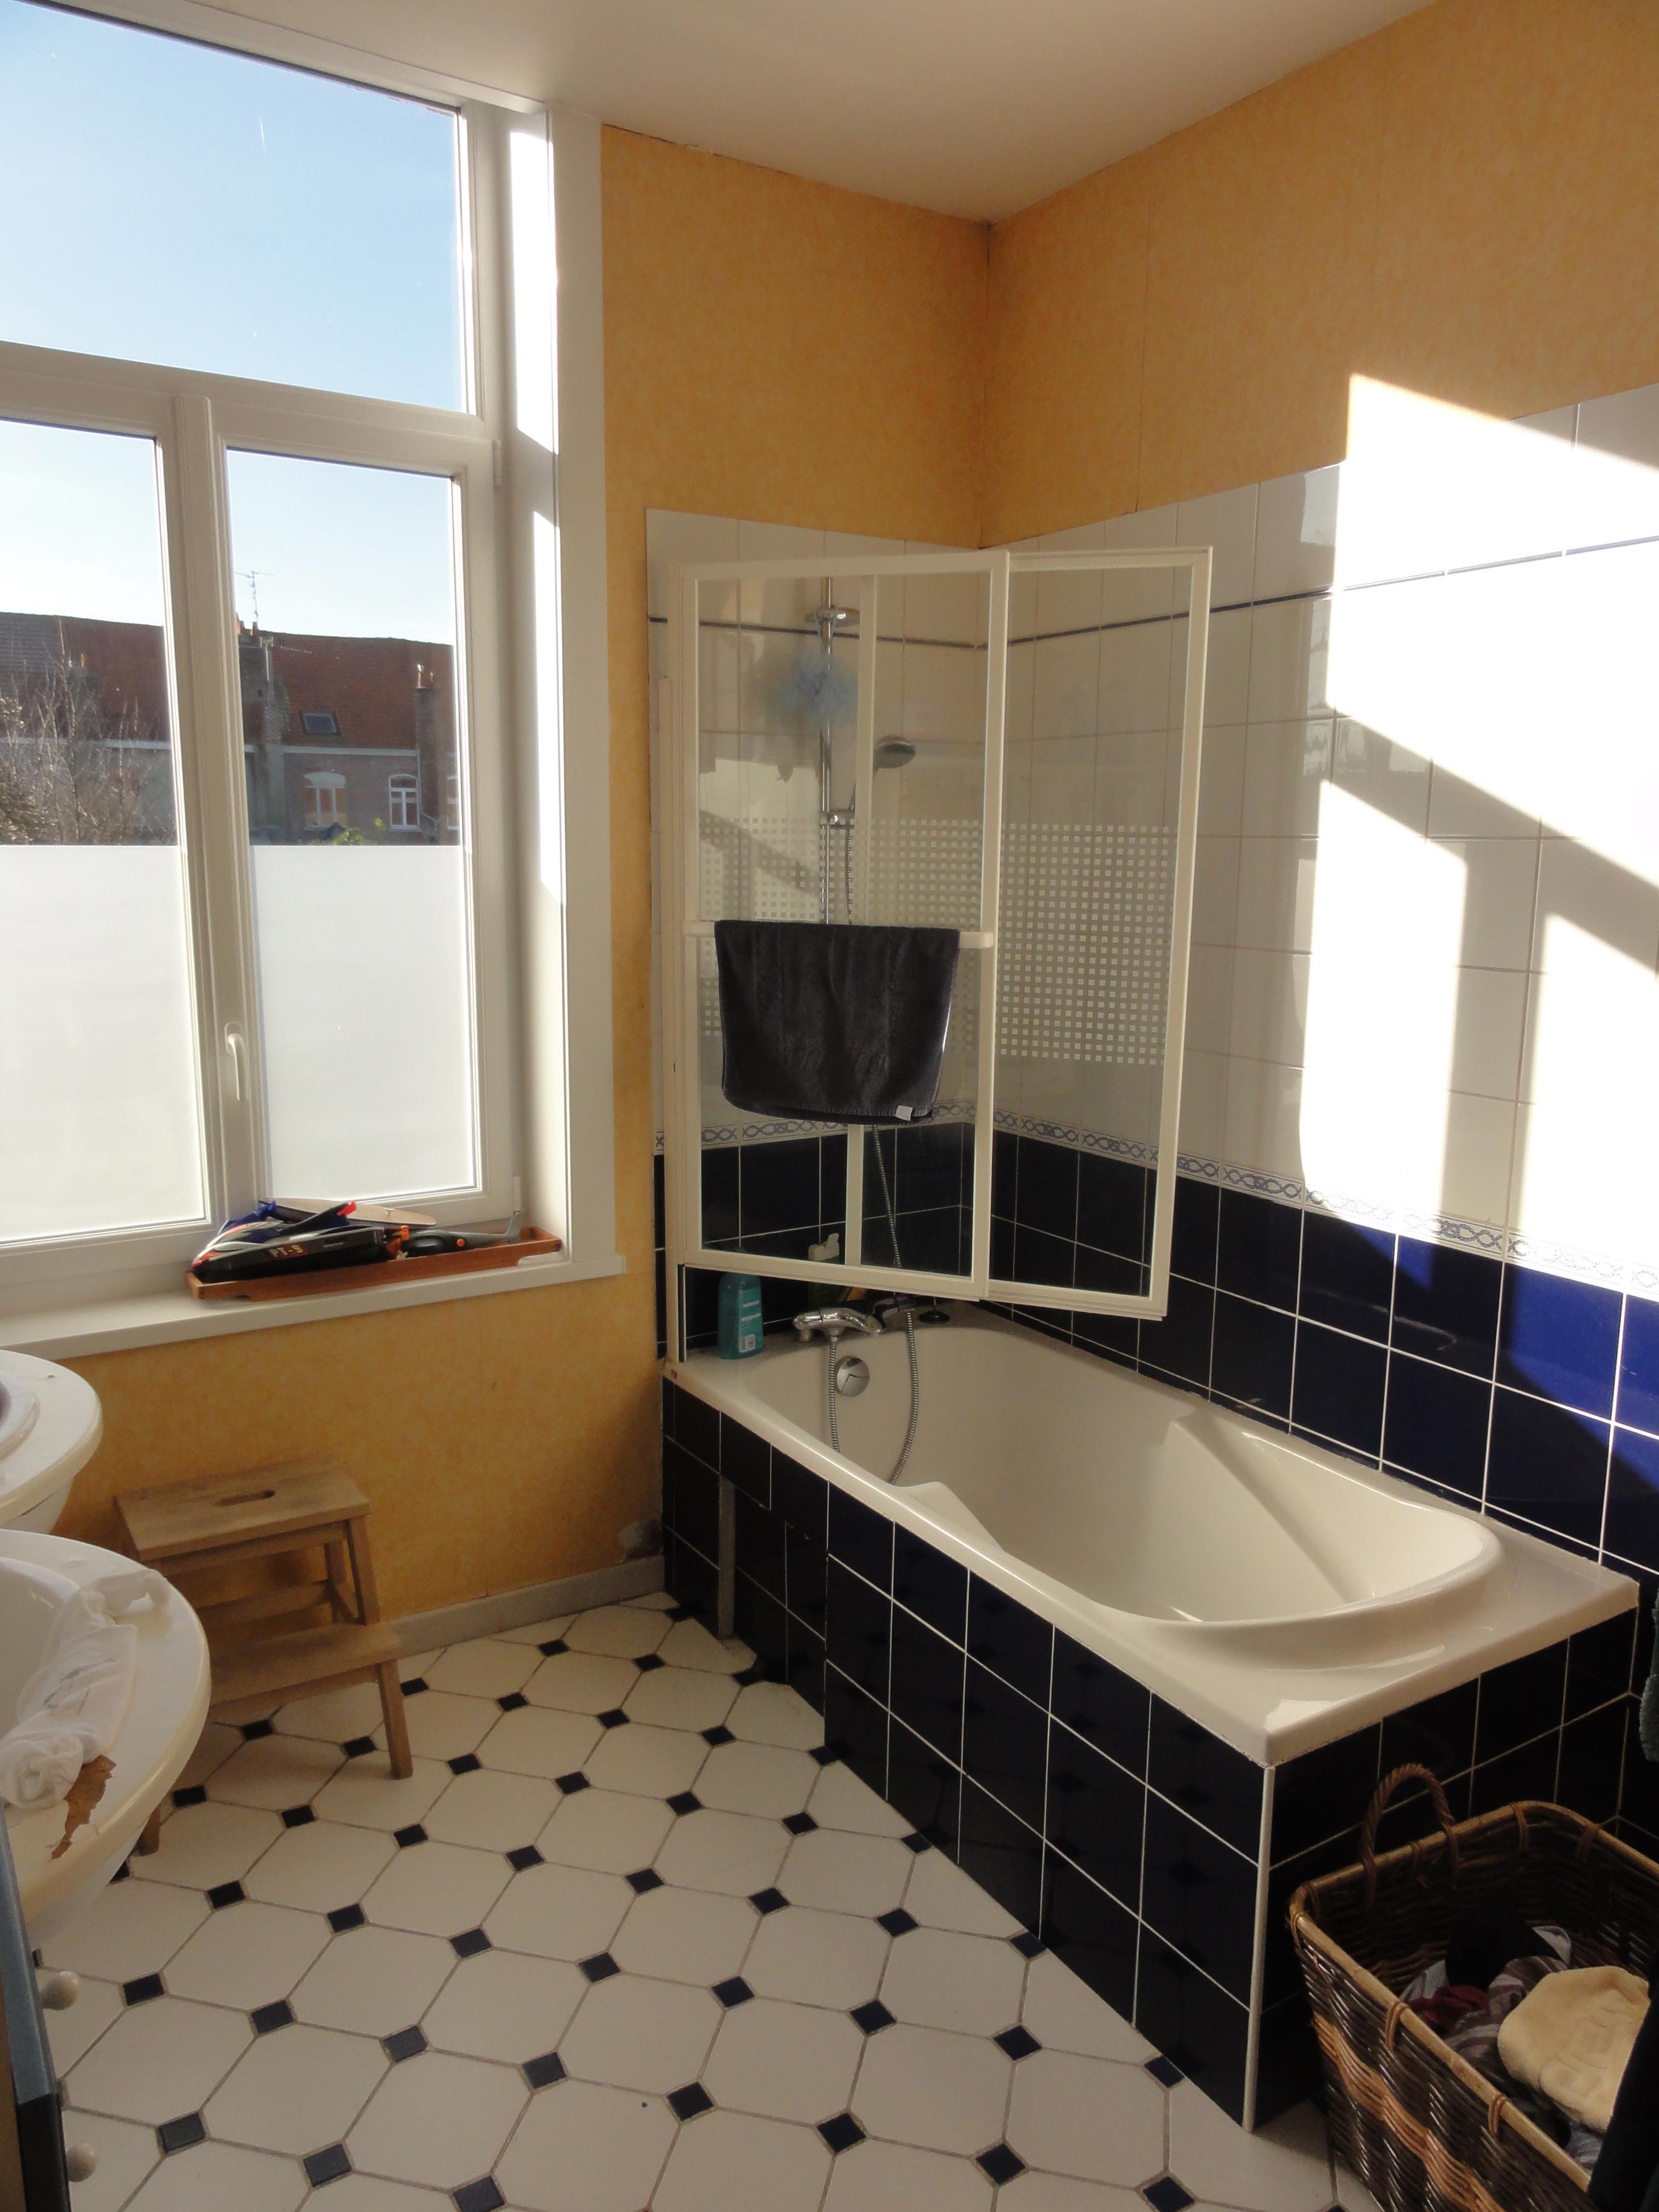 Magasin Salle De Bain Muret ~ plak eau blog archive baratte salle de bain fonctionnelle aux